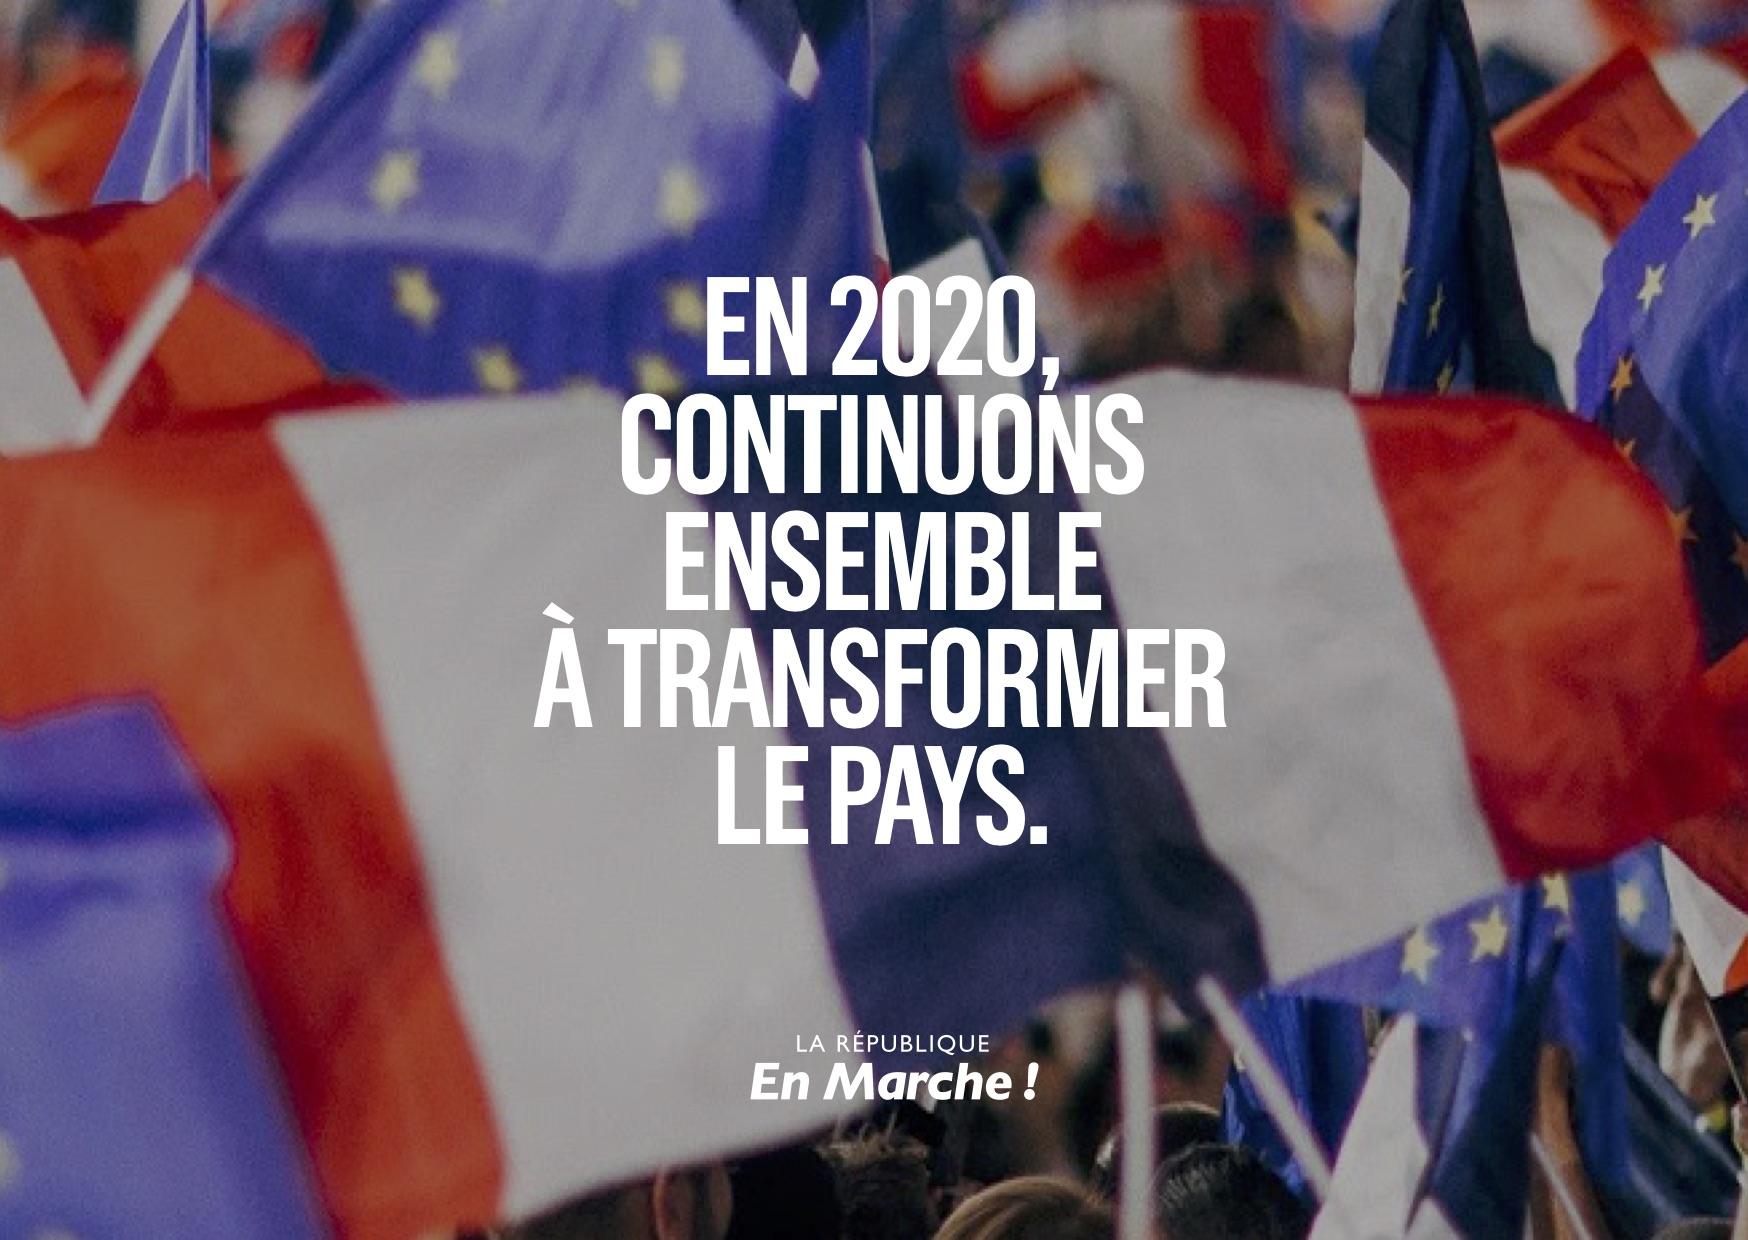 [VOEUX] Pour 2020, continuons à transformer le pays ! Retour sur les fruits de la politique menée en 2019.